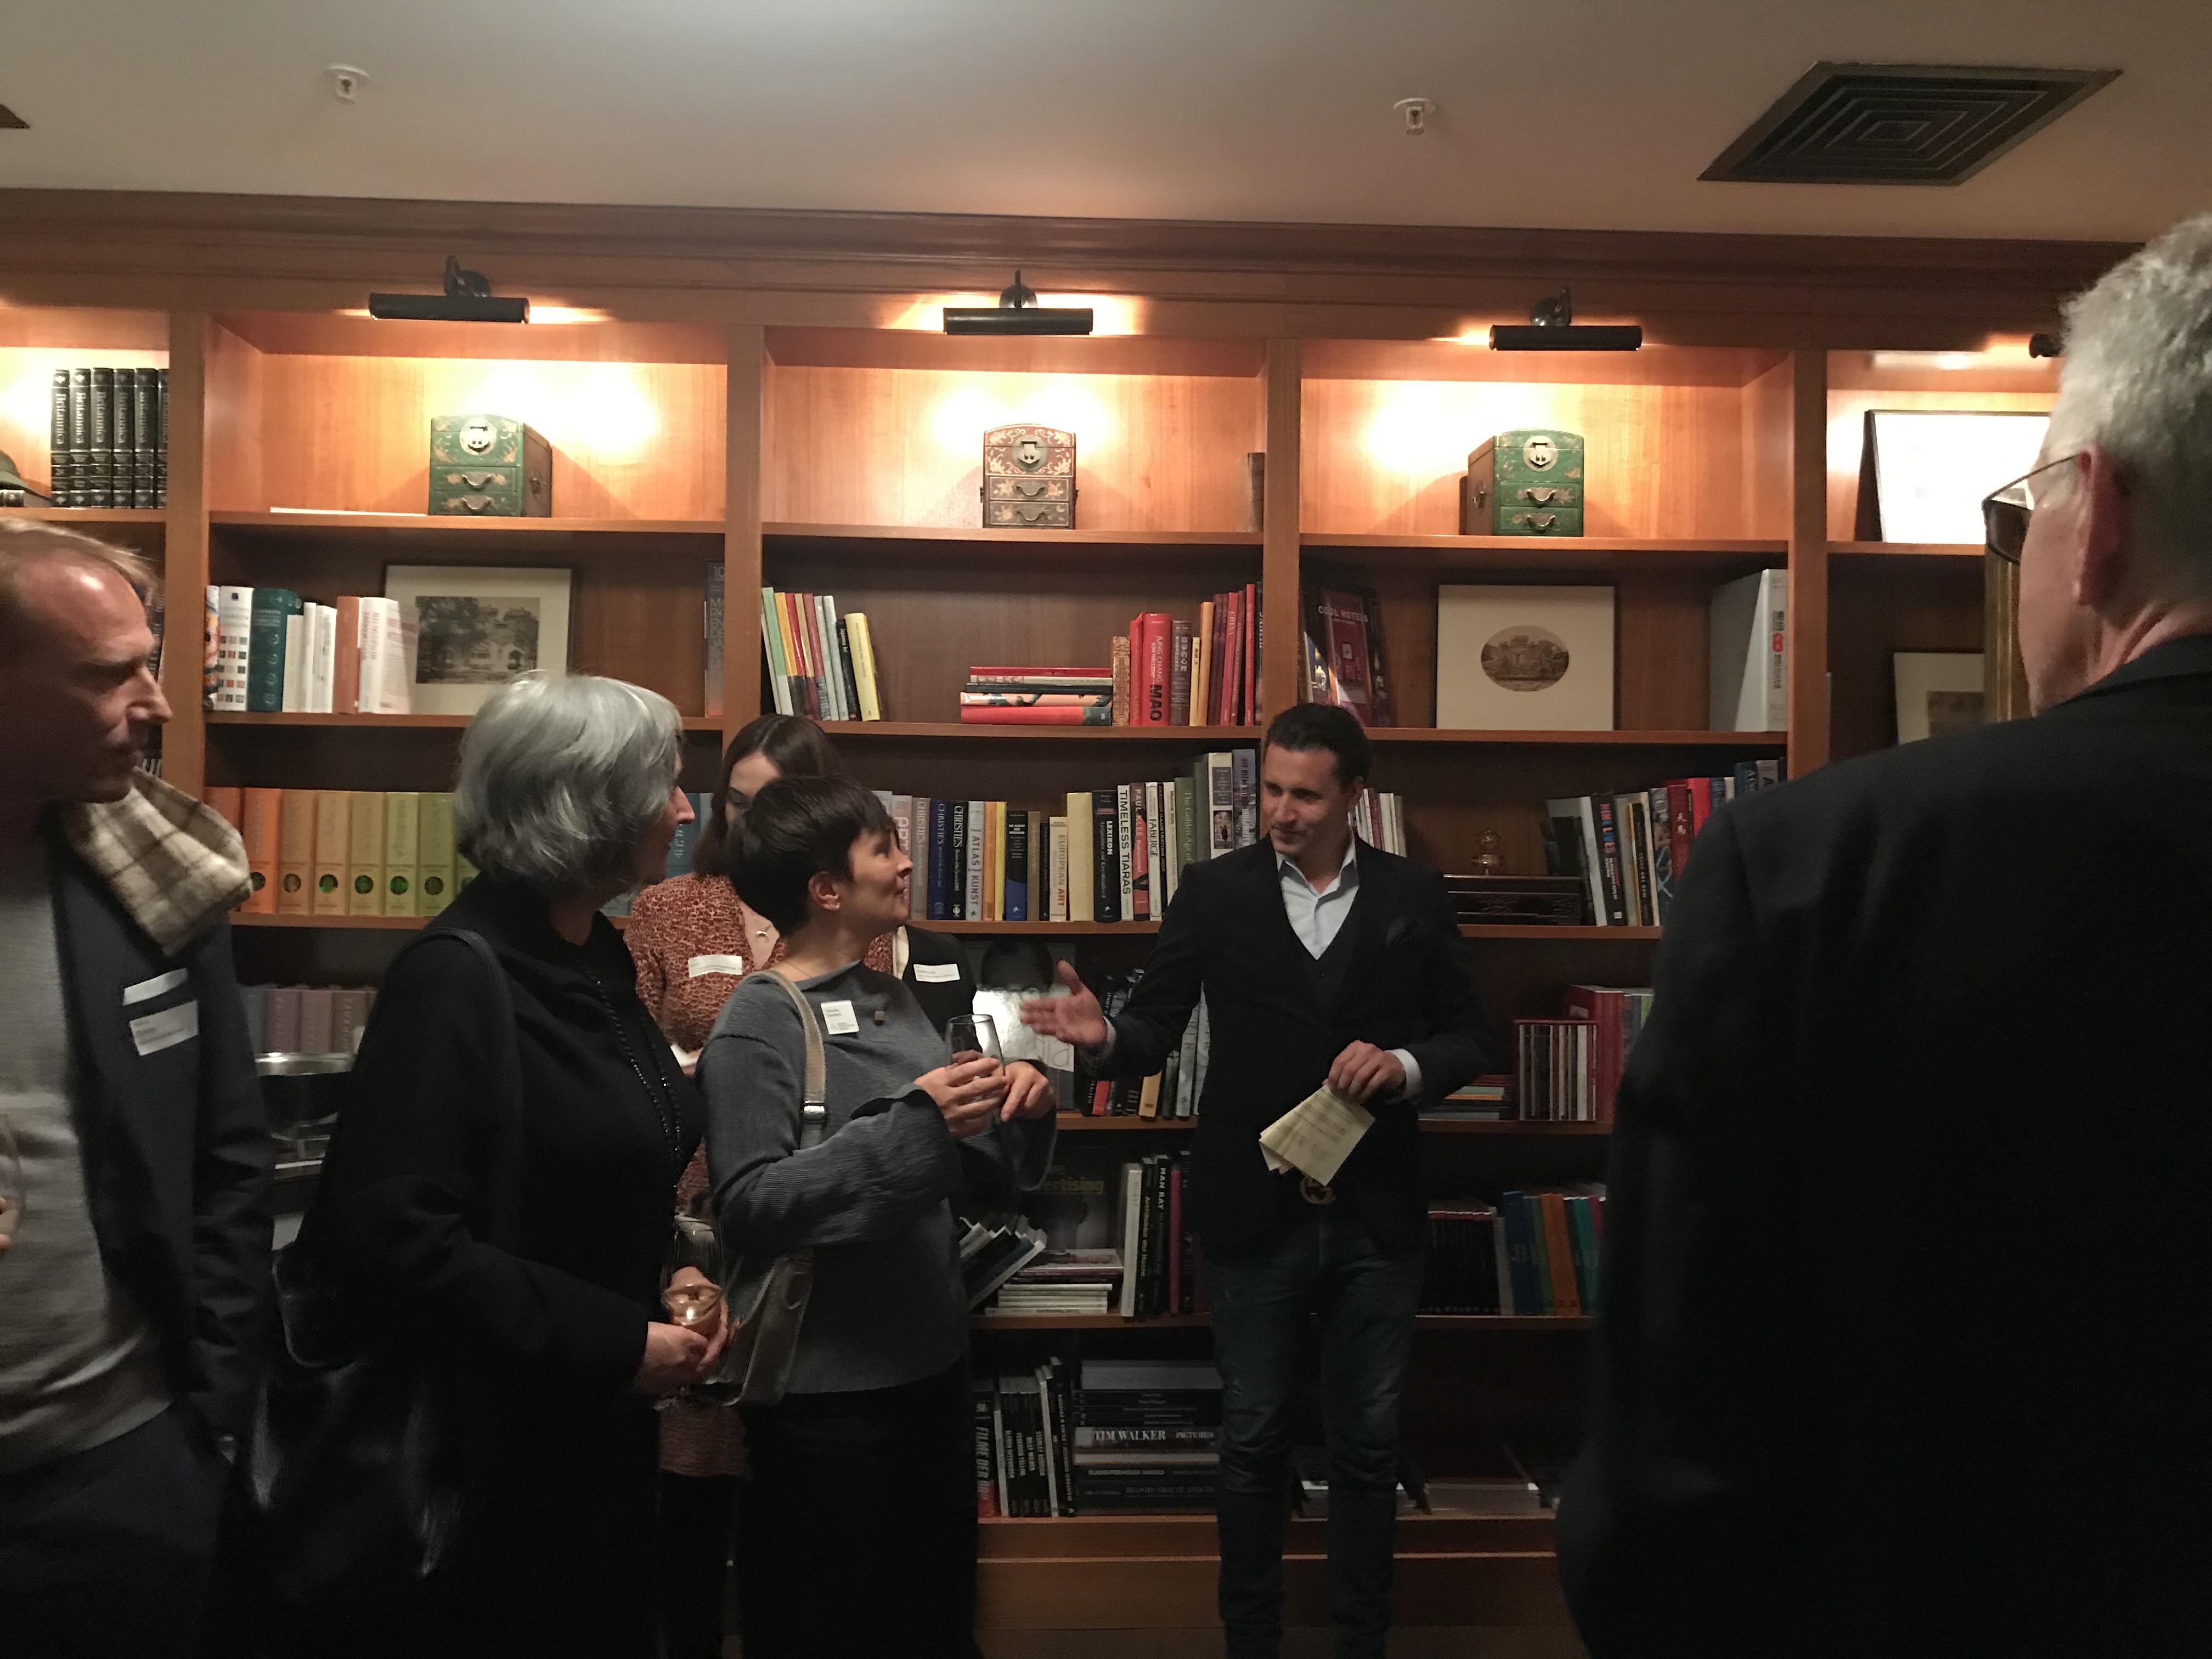 NAX-Partner Alexander Köhler von AIC International begrüßte als Miteinladender die Gäste.